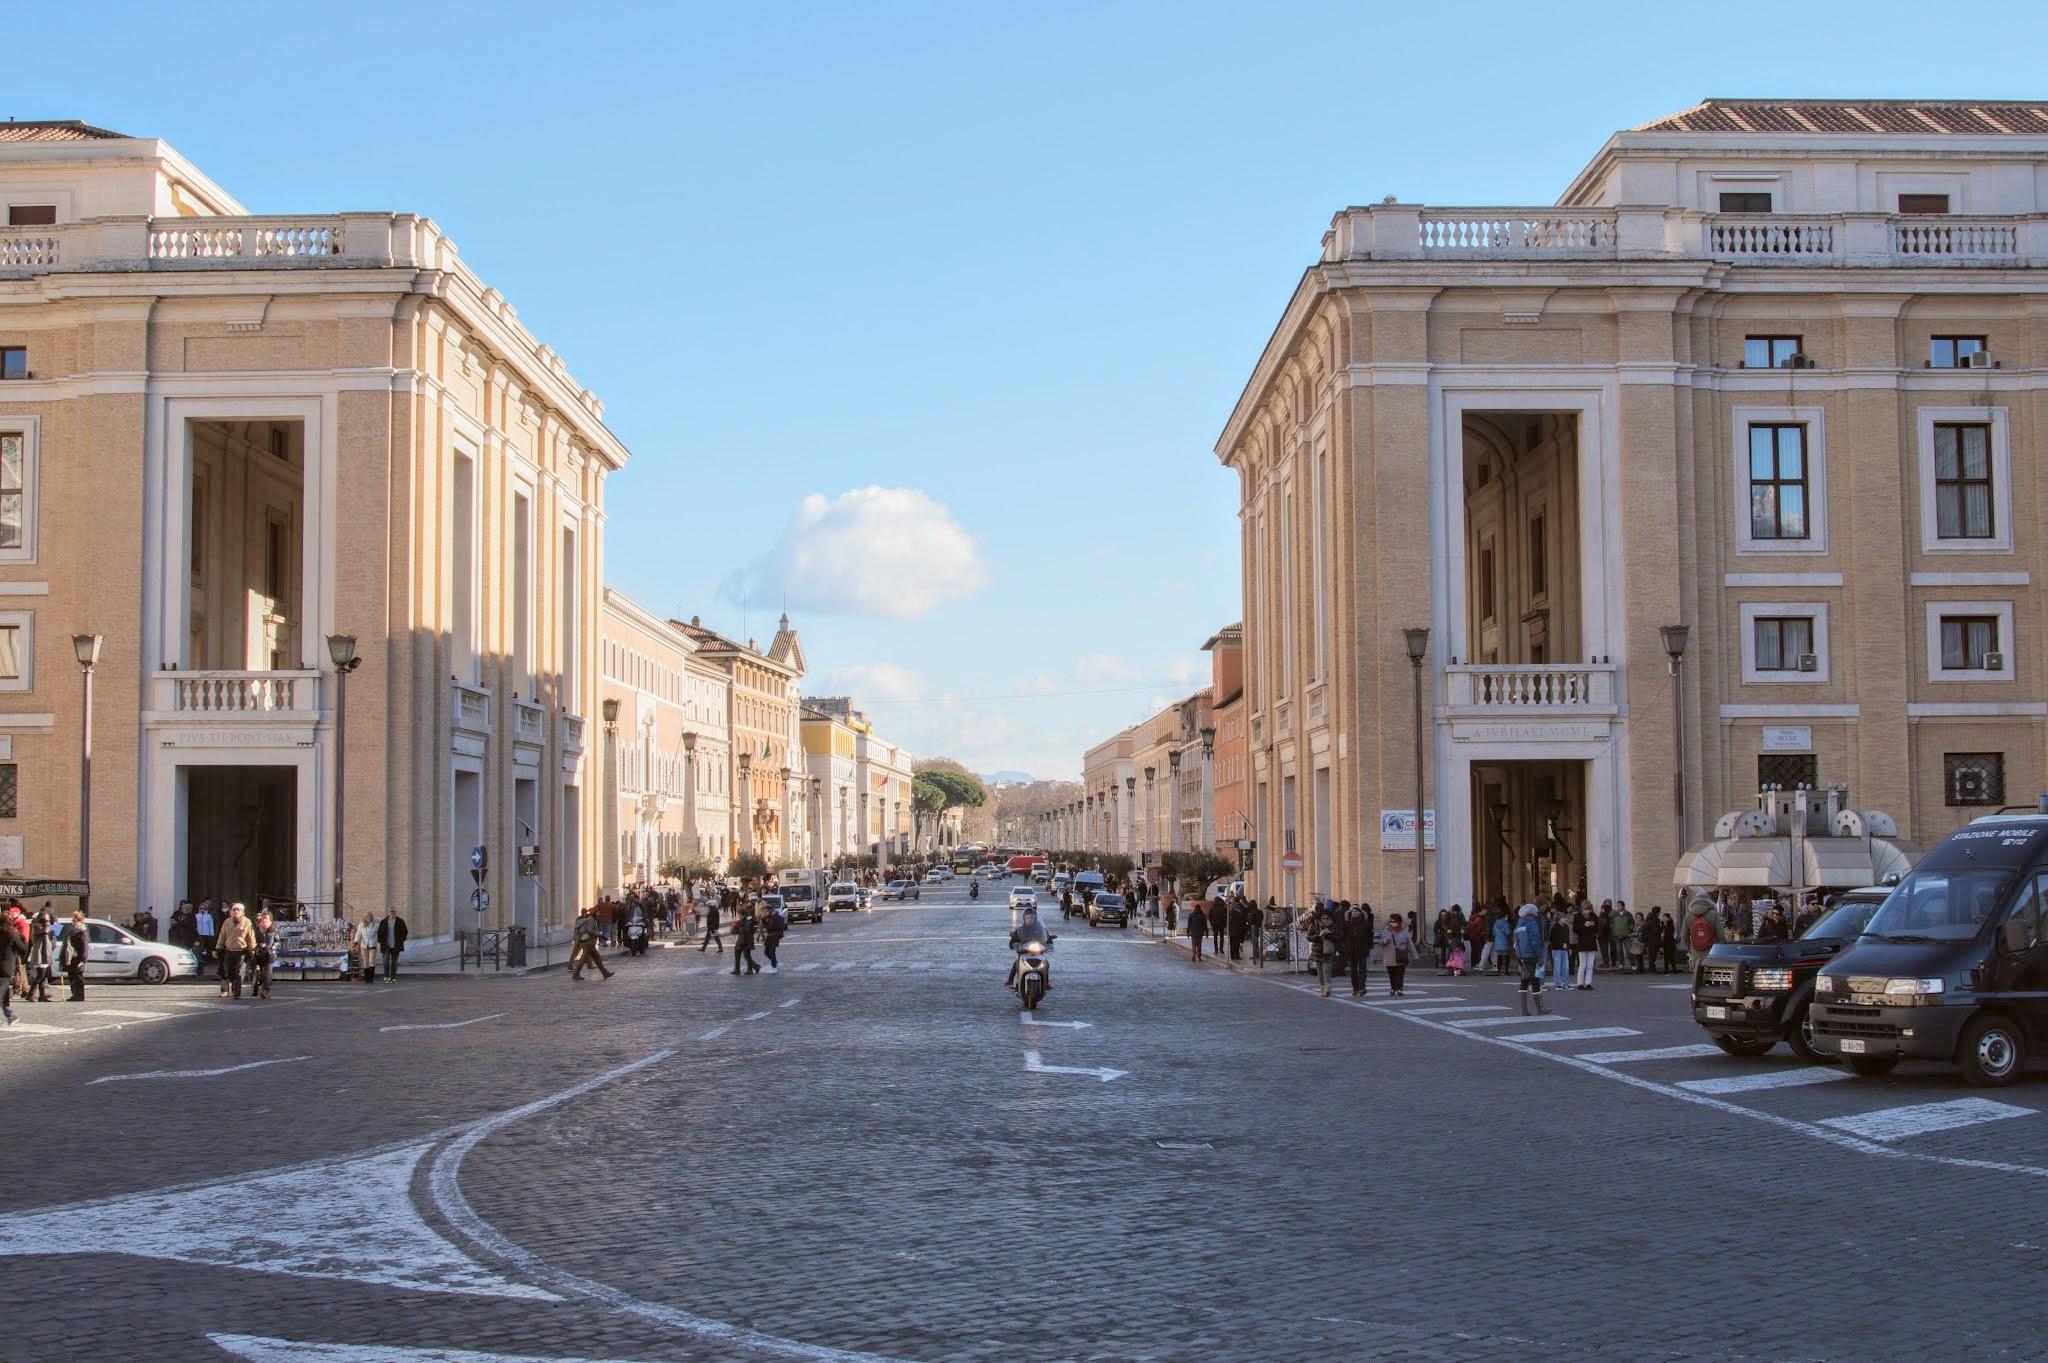 Via della Conciliazione, ο δρόμος που ενώνει την Πλατεία του Αγίου Πέτρου με το Κάστρο Sant'Angelo (Φωτογραφία Νίκος Πράσσος)